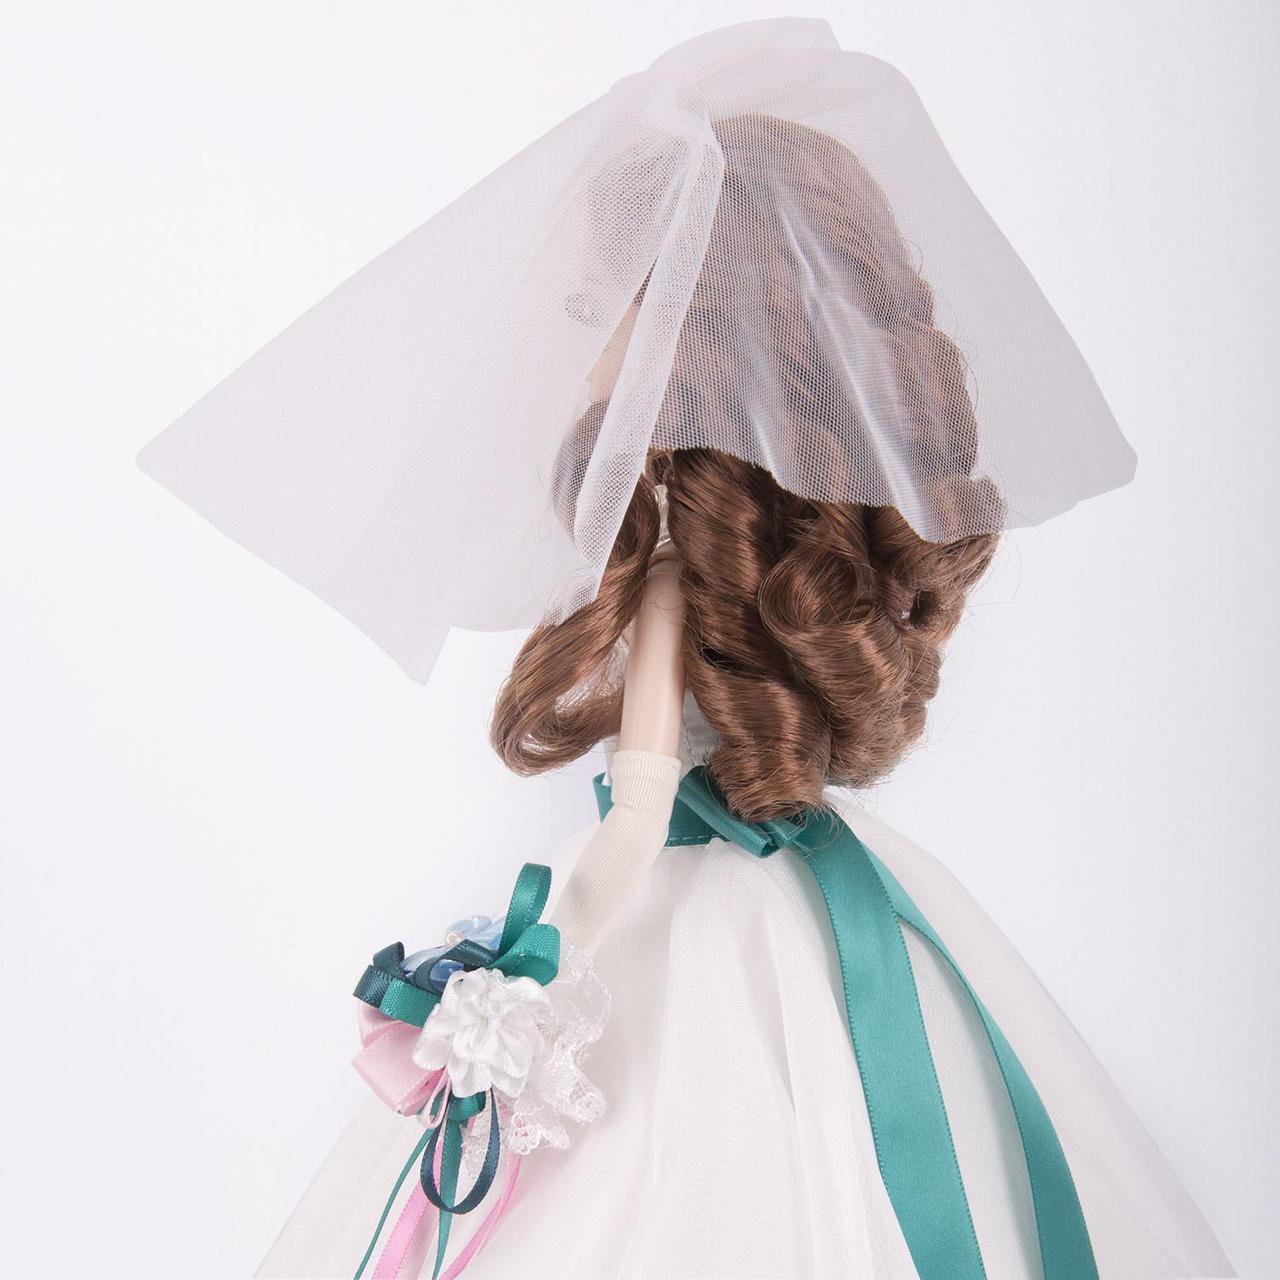 """Кукла Sonya Rose, серия """"Gold collection"""" платье Глория (Gulliver, Россия) - фото 3"""